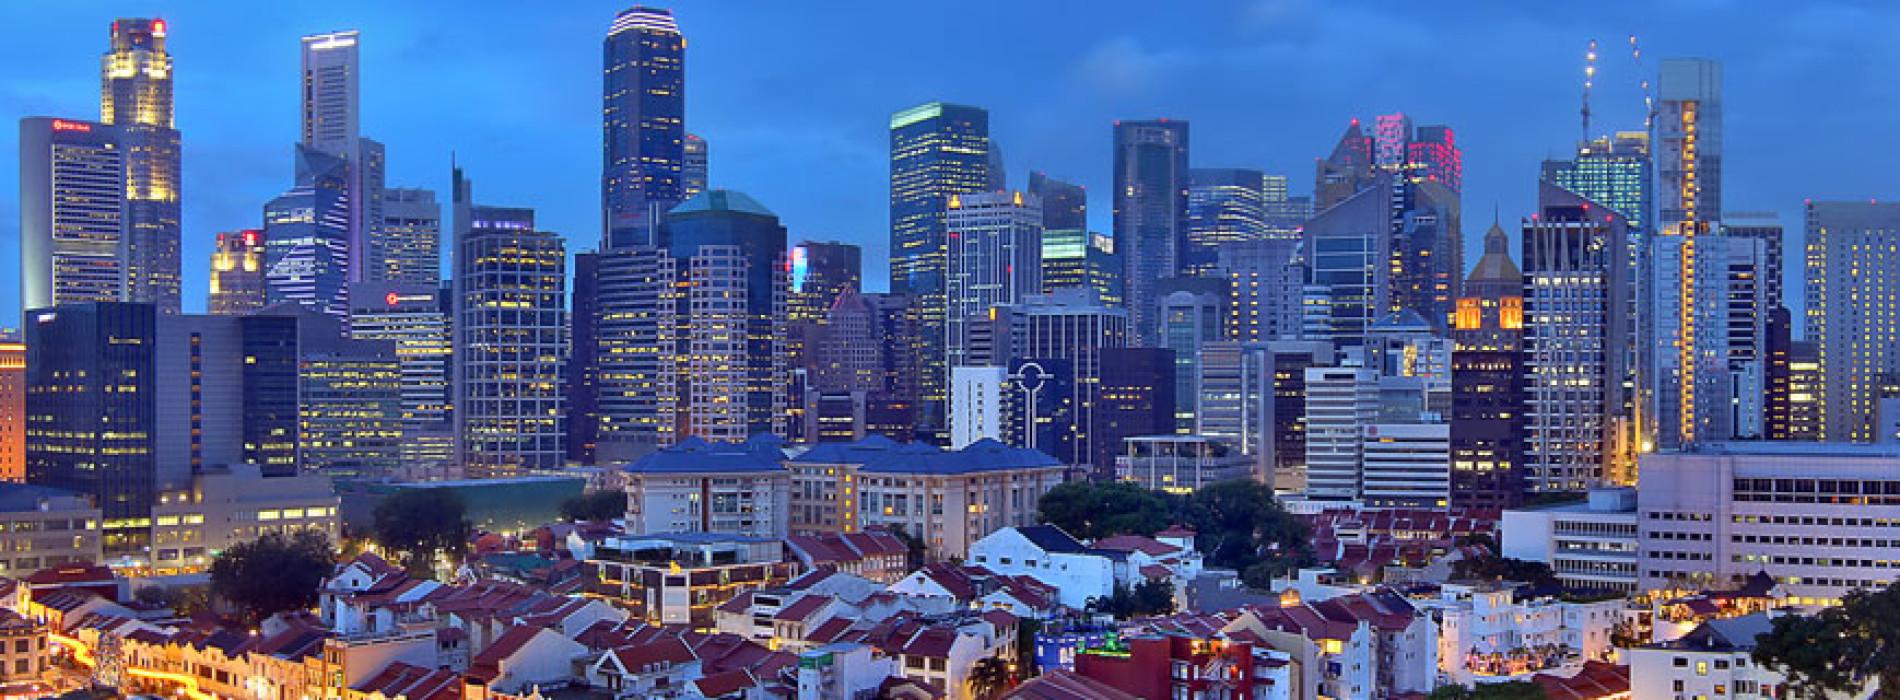 Une stratégie d'urbanisme à long terme